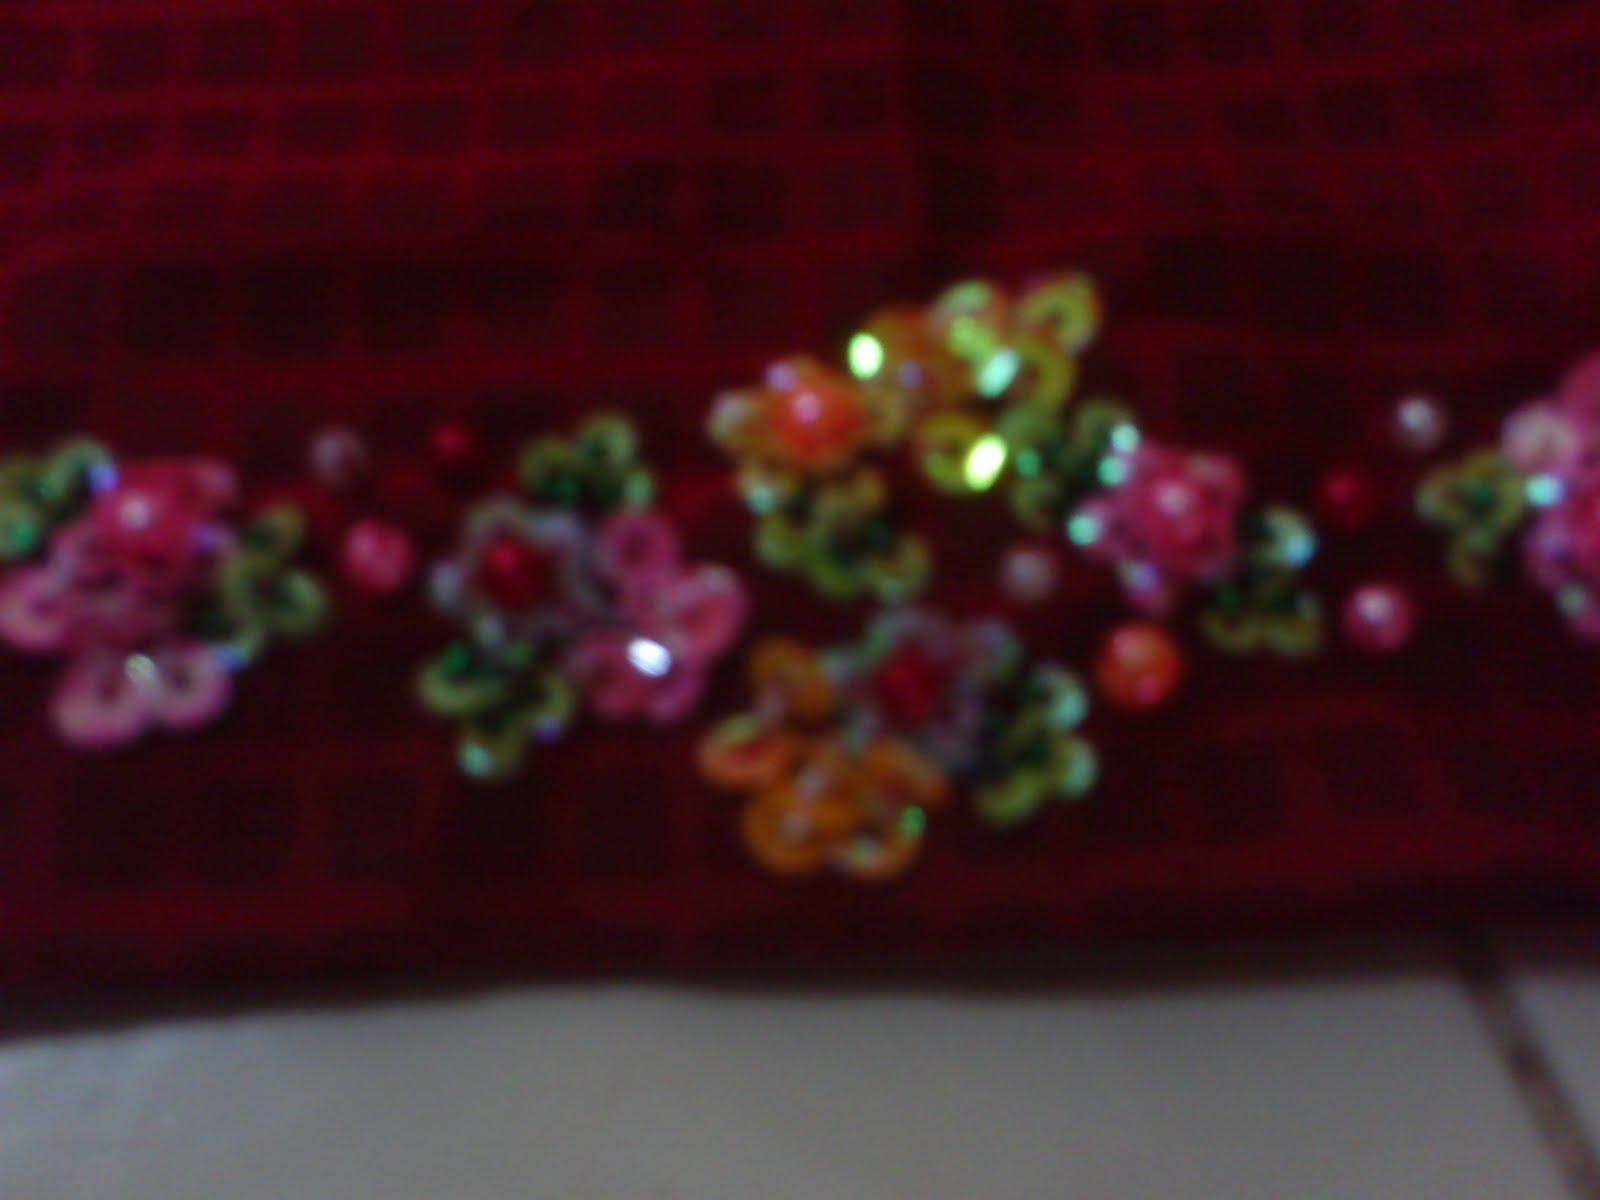 ... ra blogspot com untuk maklumat dan fesyen terkini dari butik ar ra